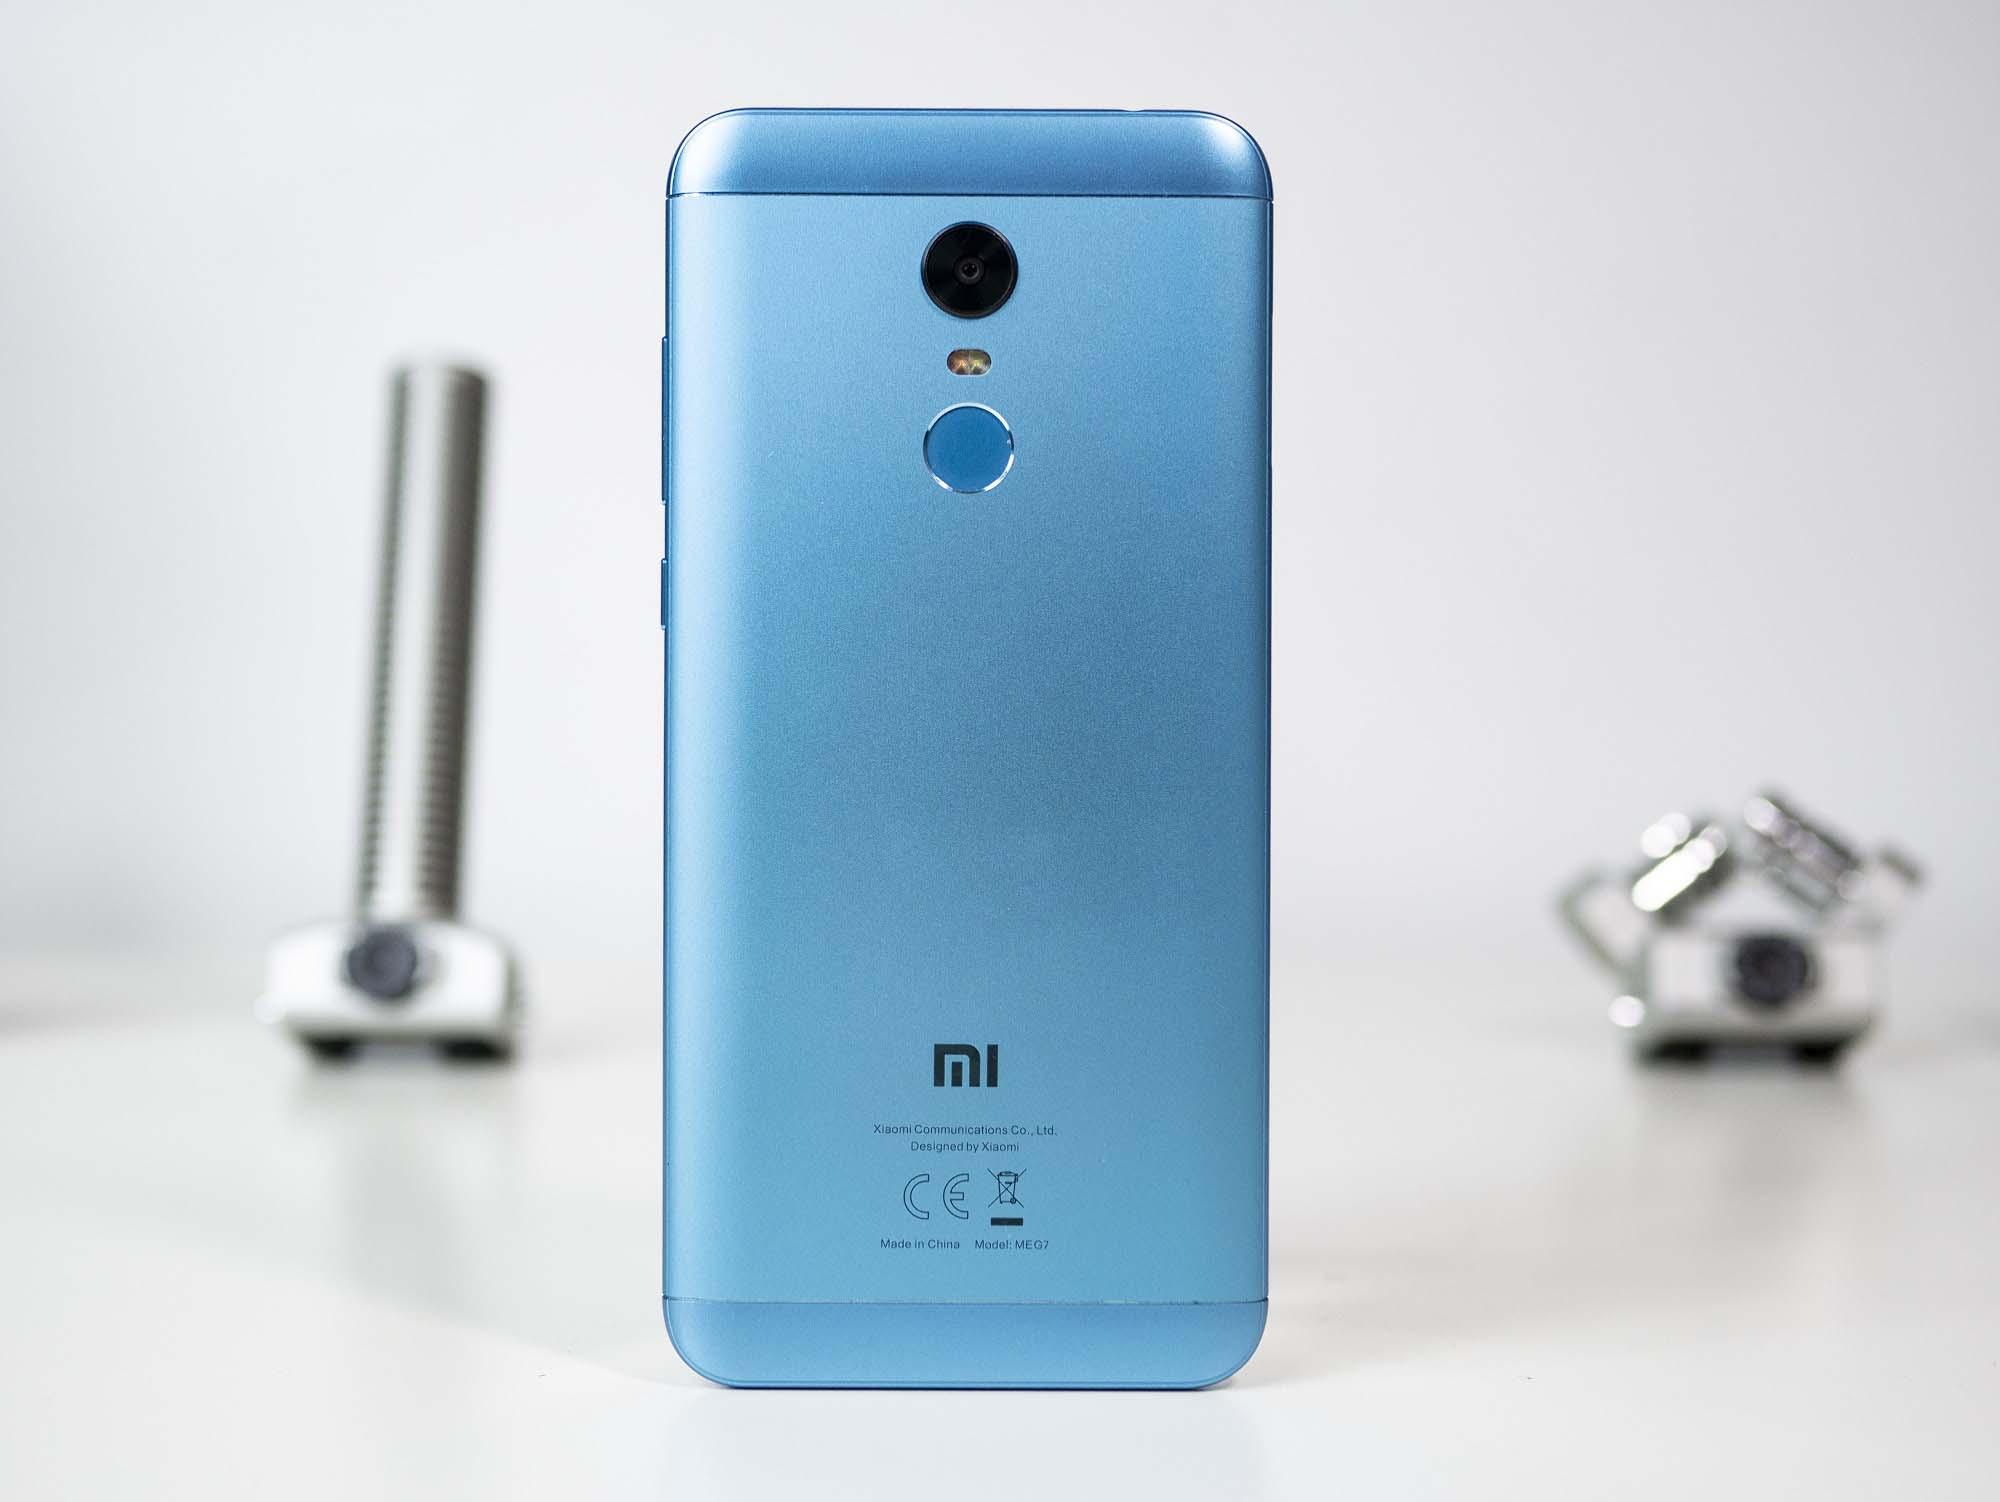 Łączność Xiaomi Redmi 5 Plus została oparta o LTE WiFi n i Bluetooth 4 2